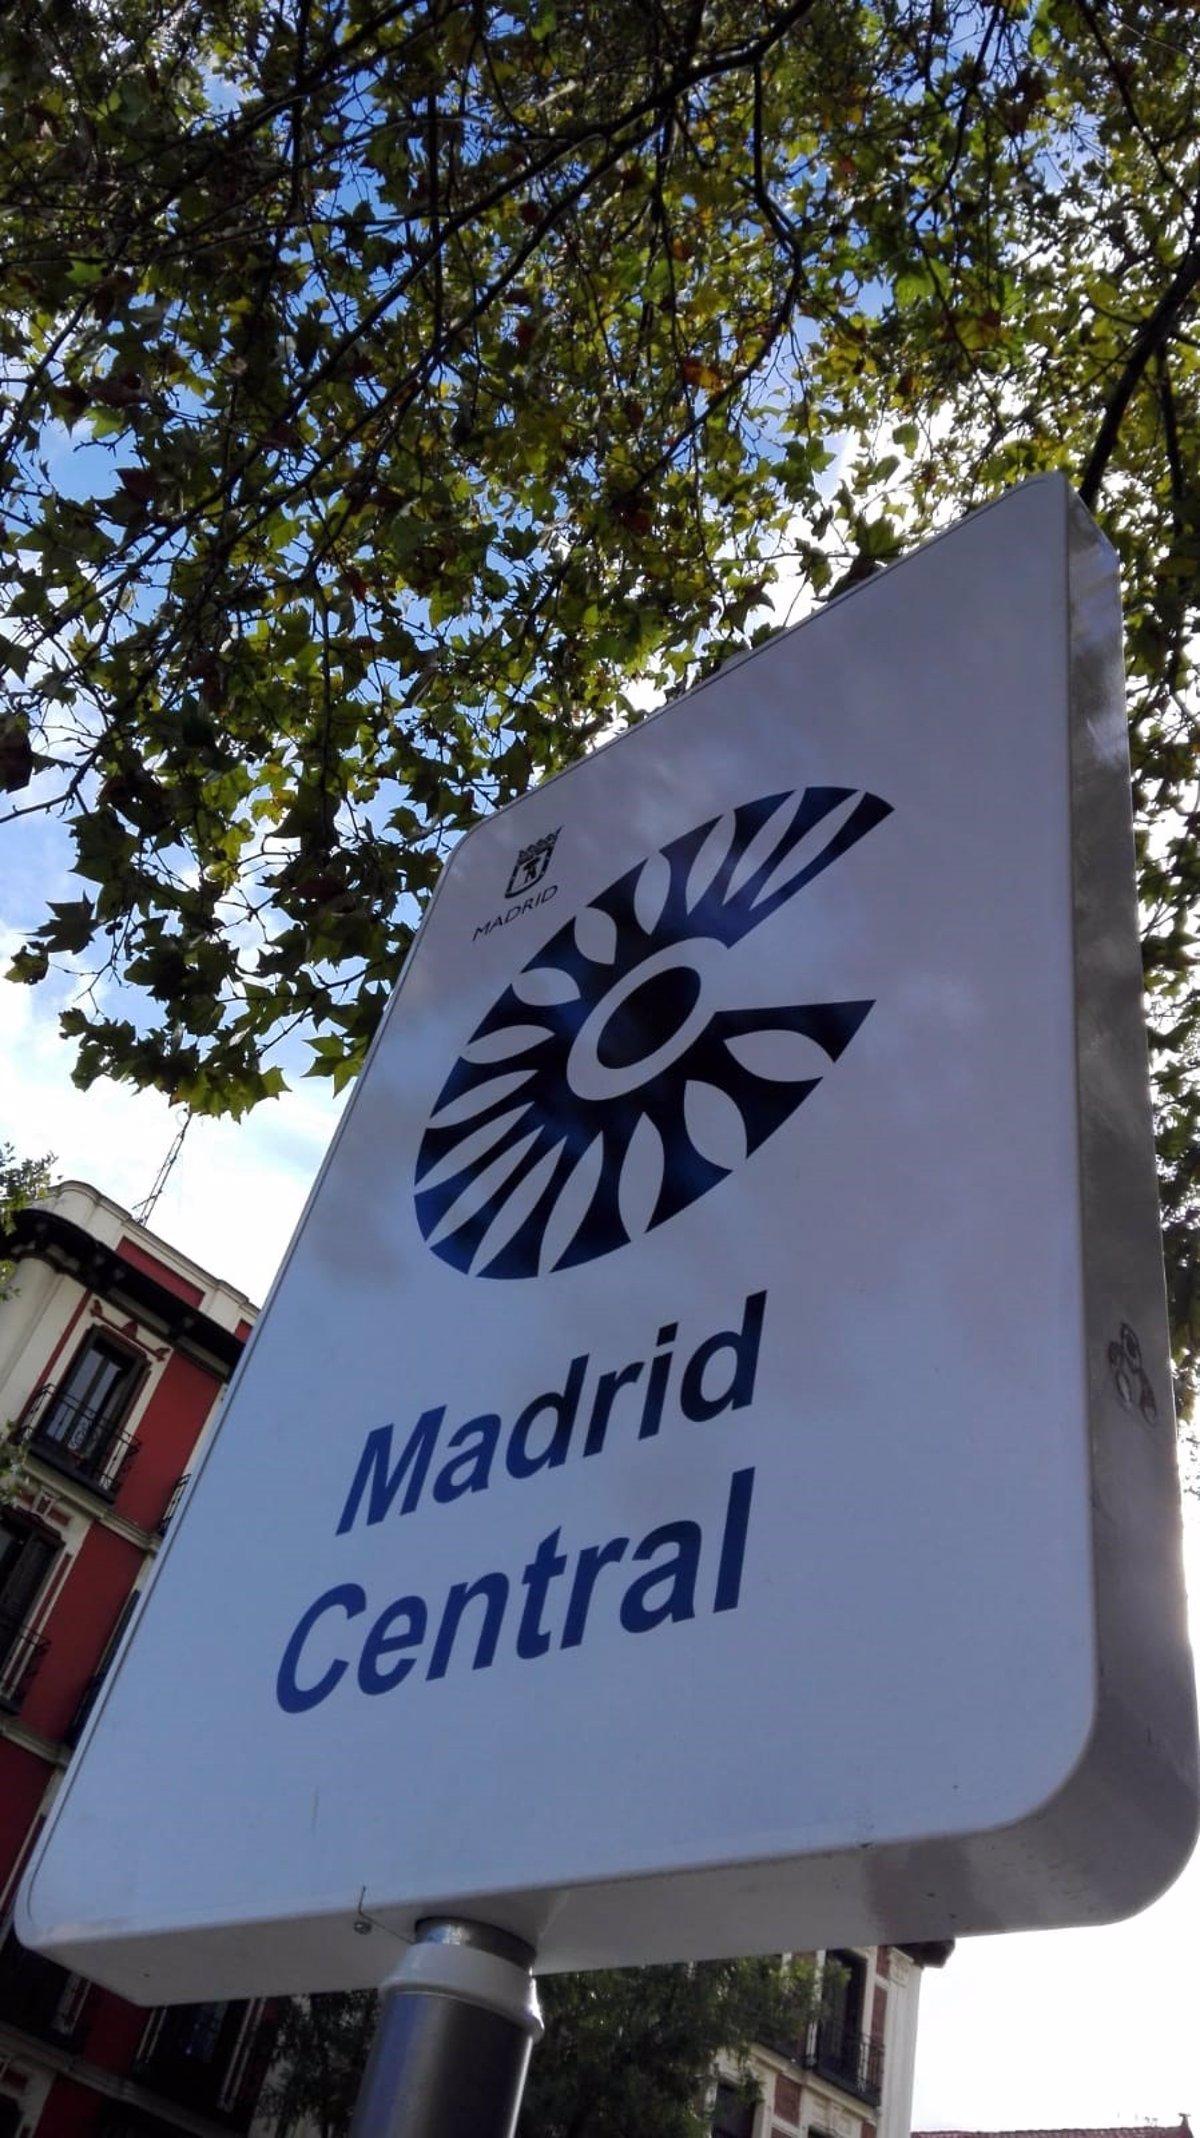 Alumnos De Colegios De Centro Y Arganzuela Iran Al Colegio Con Mascarillas Para Visibilizar Apoyo A Madrid Central